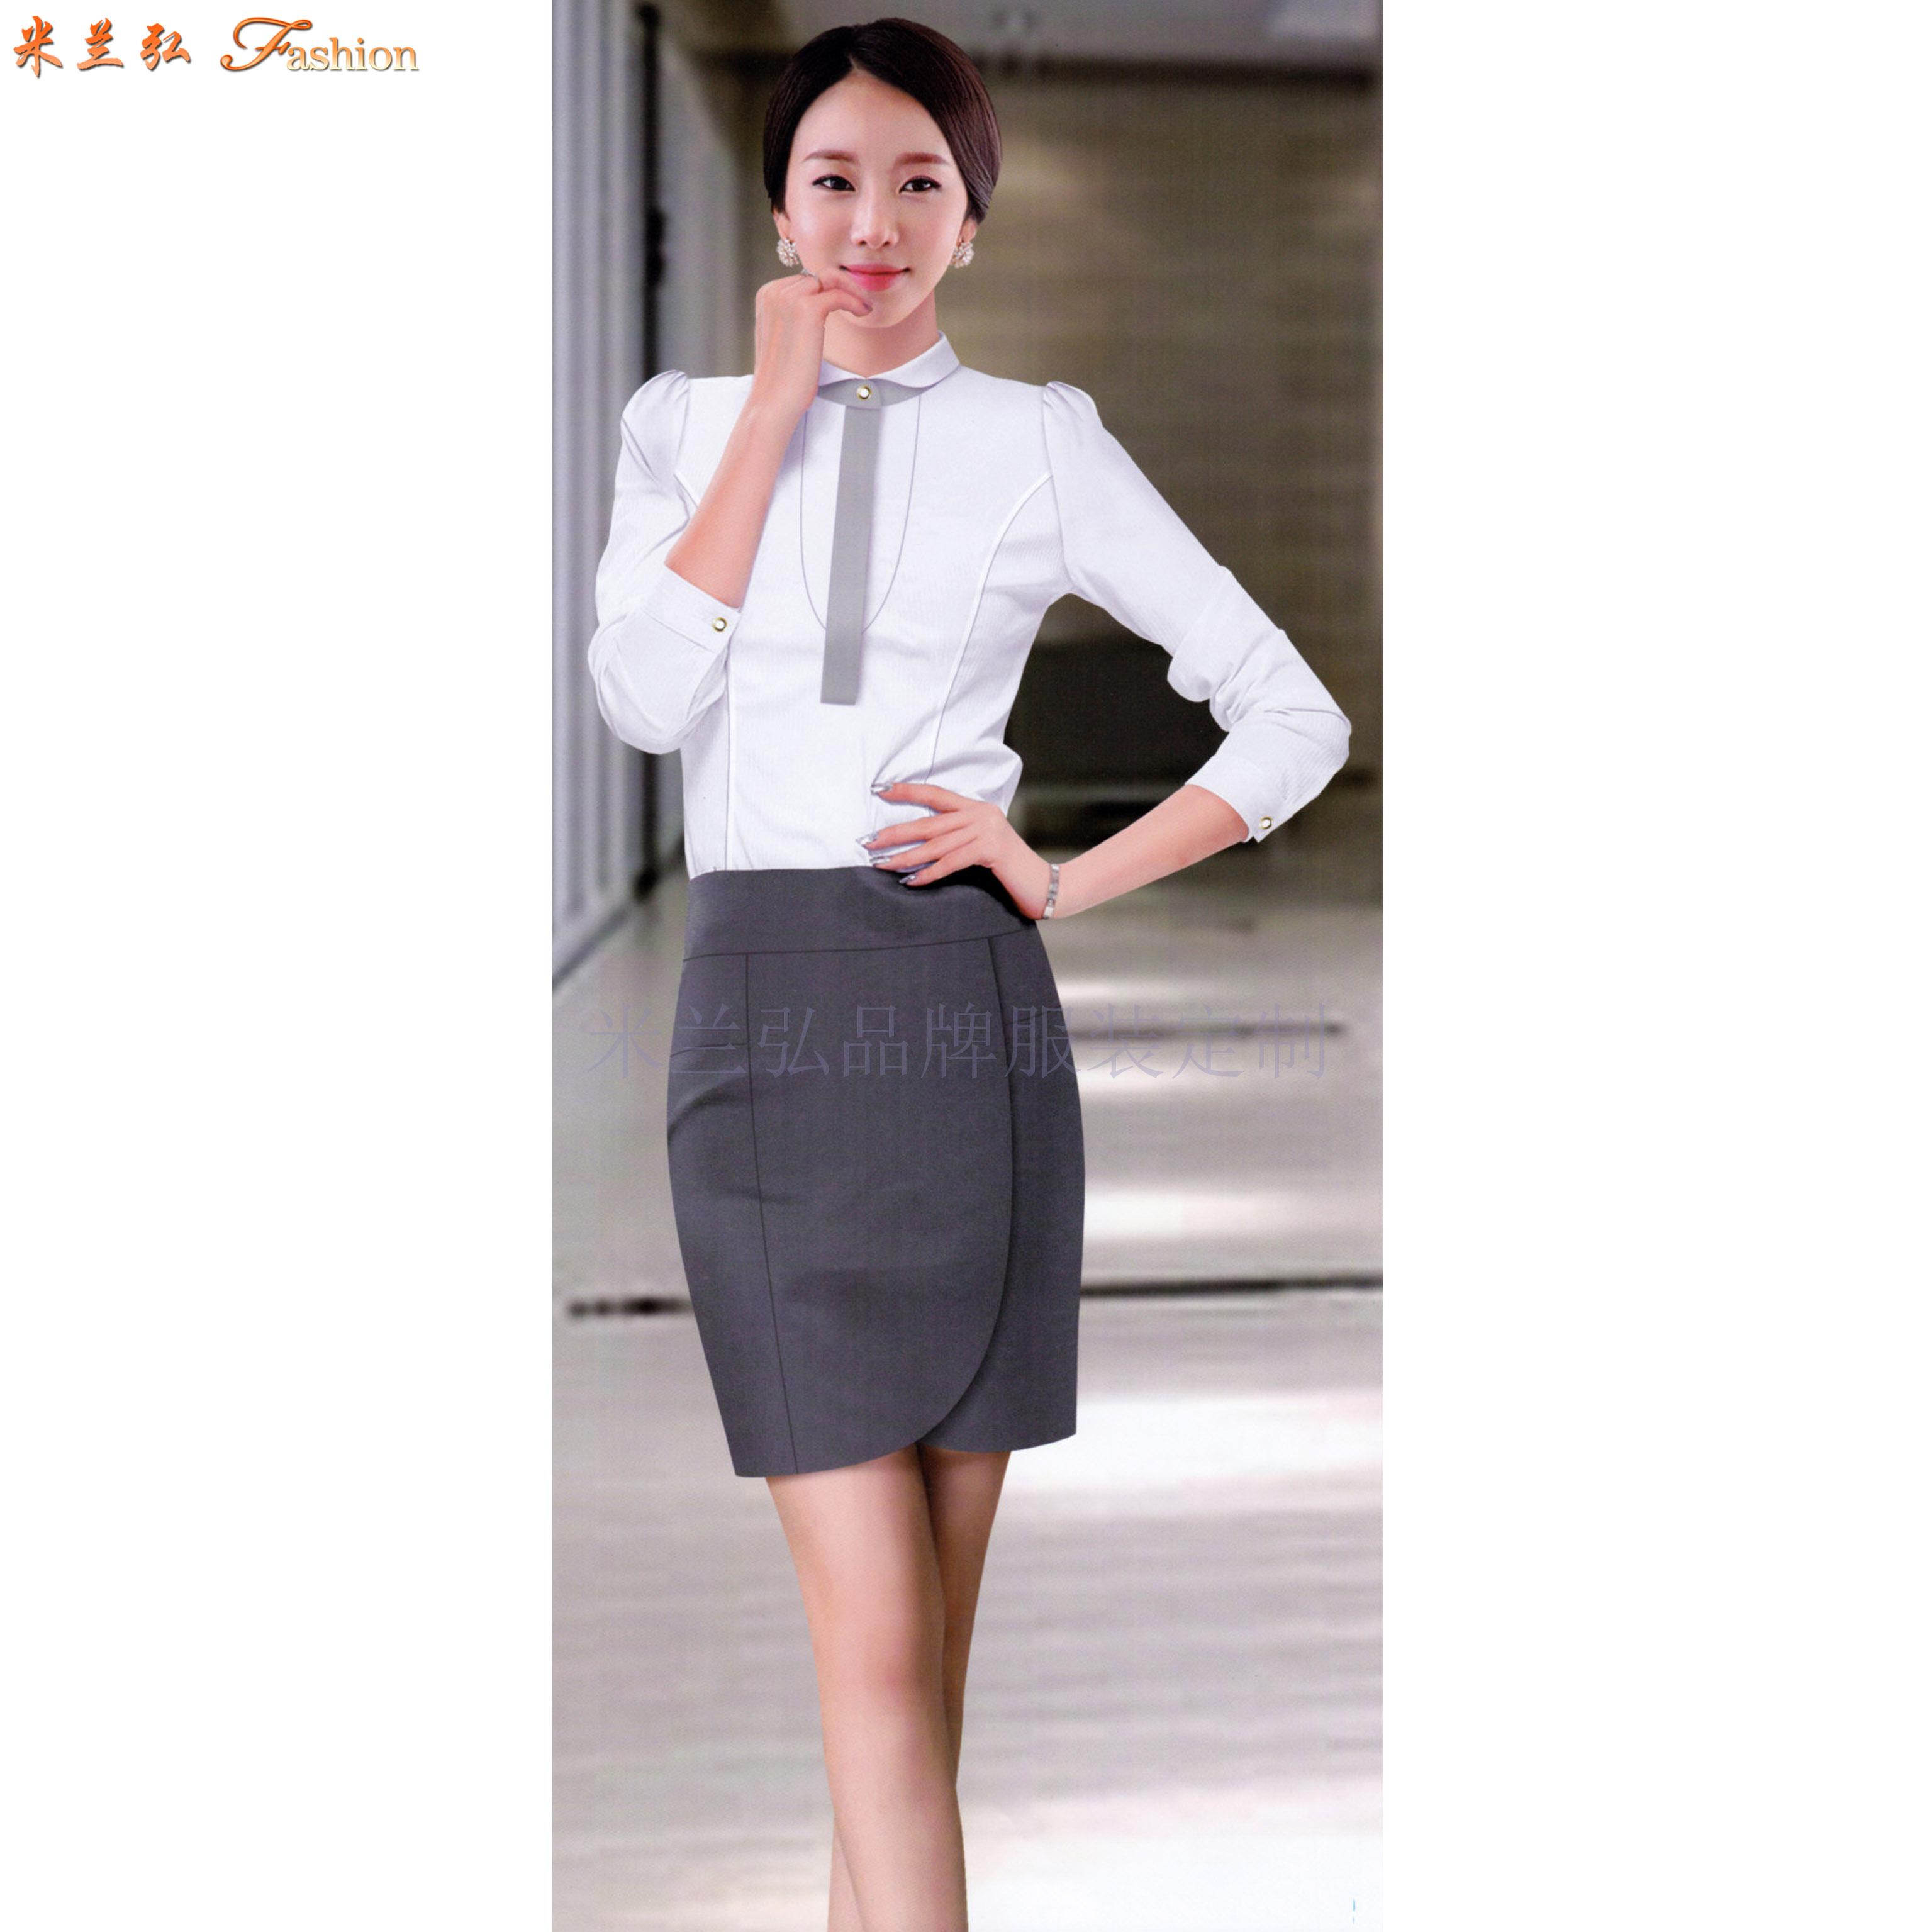 女士職業裝白襯衫-定做女式長袖白色襯衫-米蘭弘服裝-1